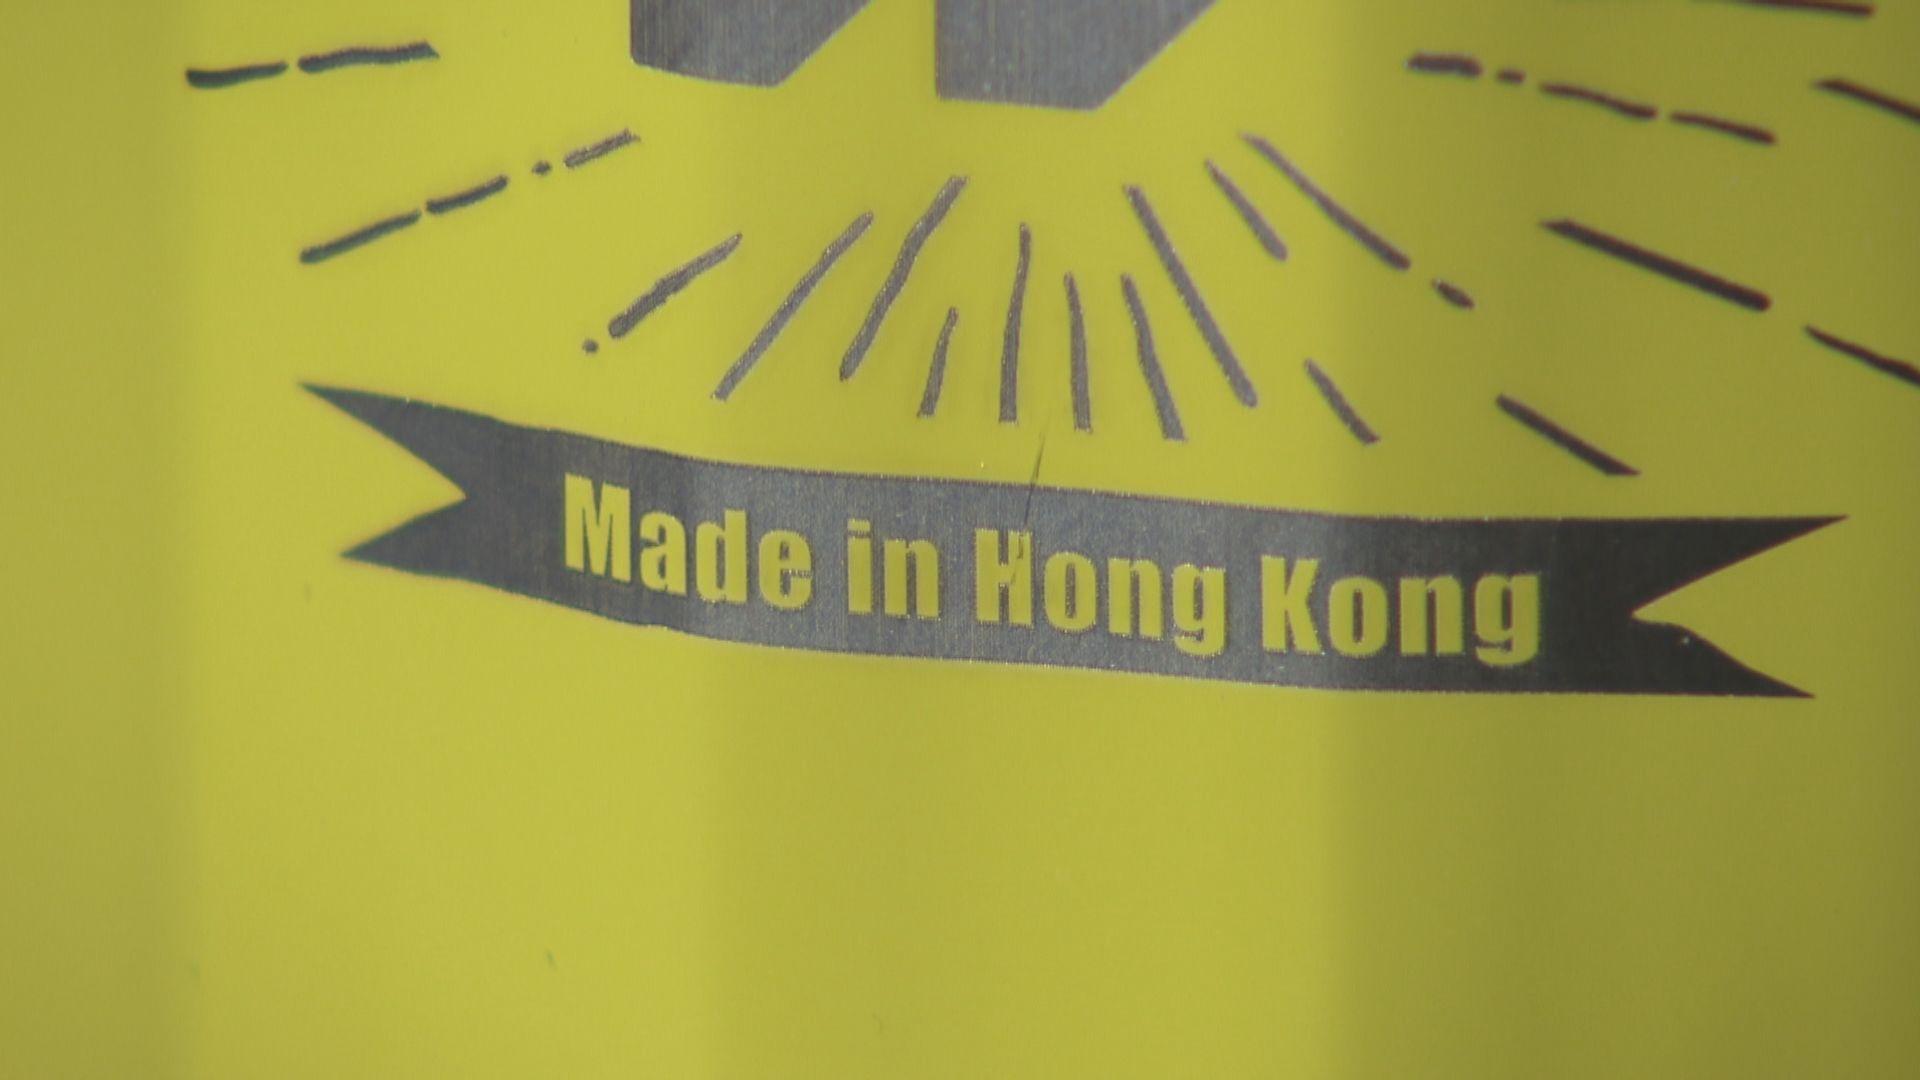 港府提出把標籤改為「中國香港製造」 待美方回覆